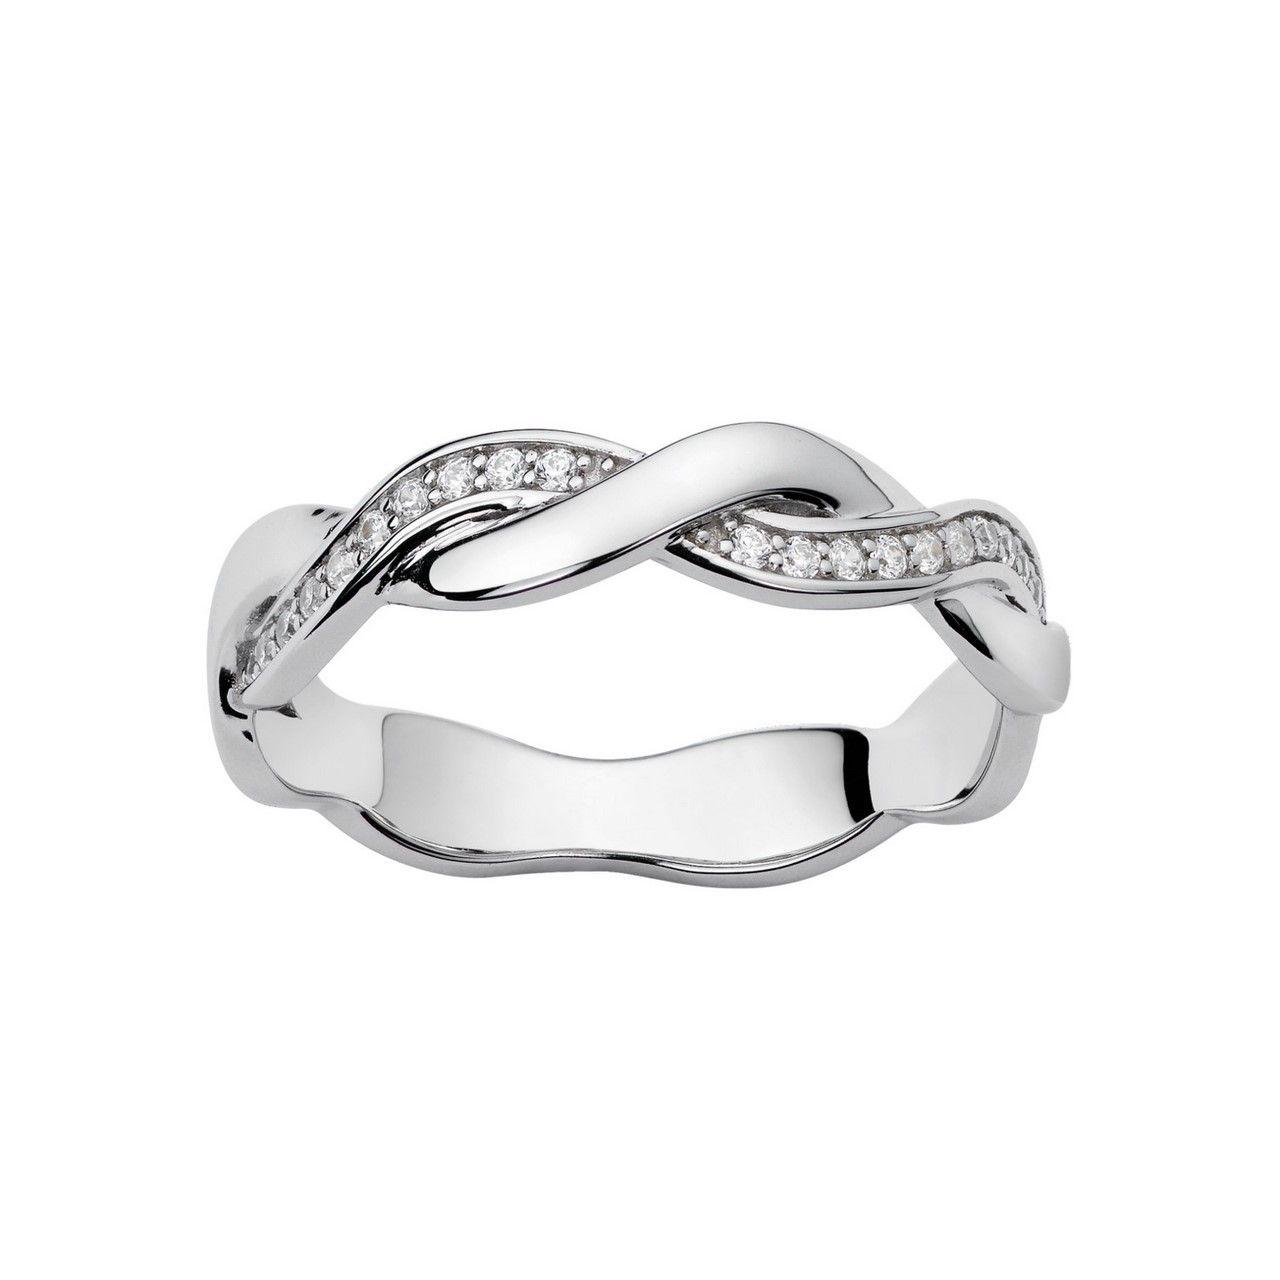 Alliance en or blanc et diamants de 0.10ct vue 1